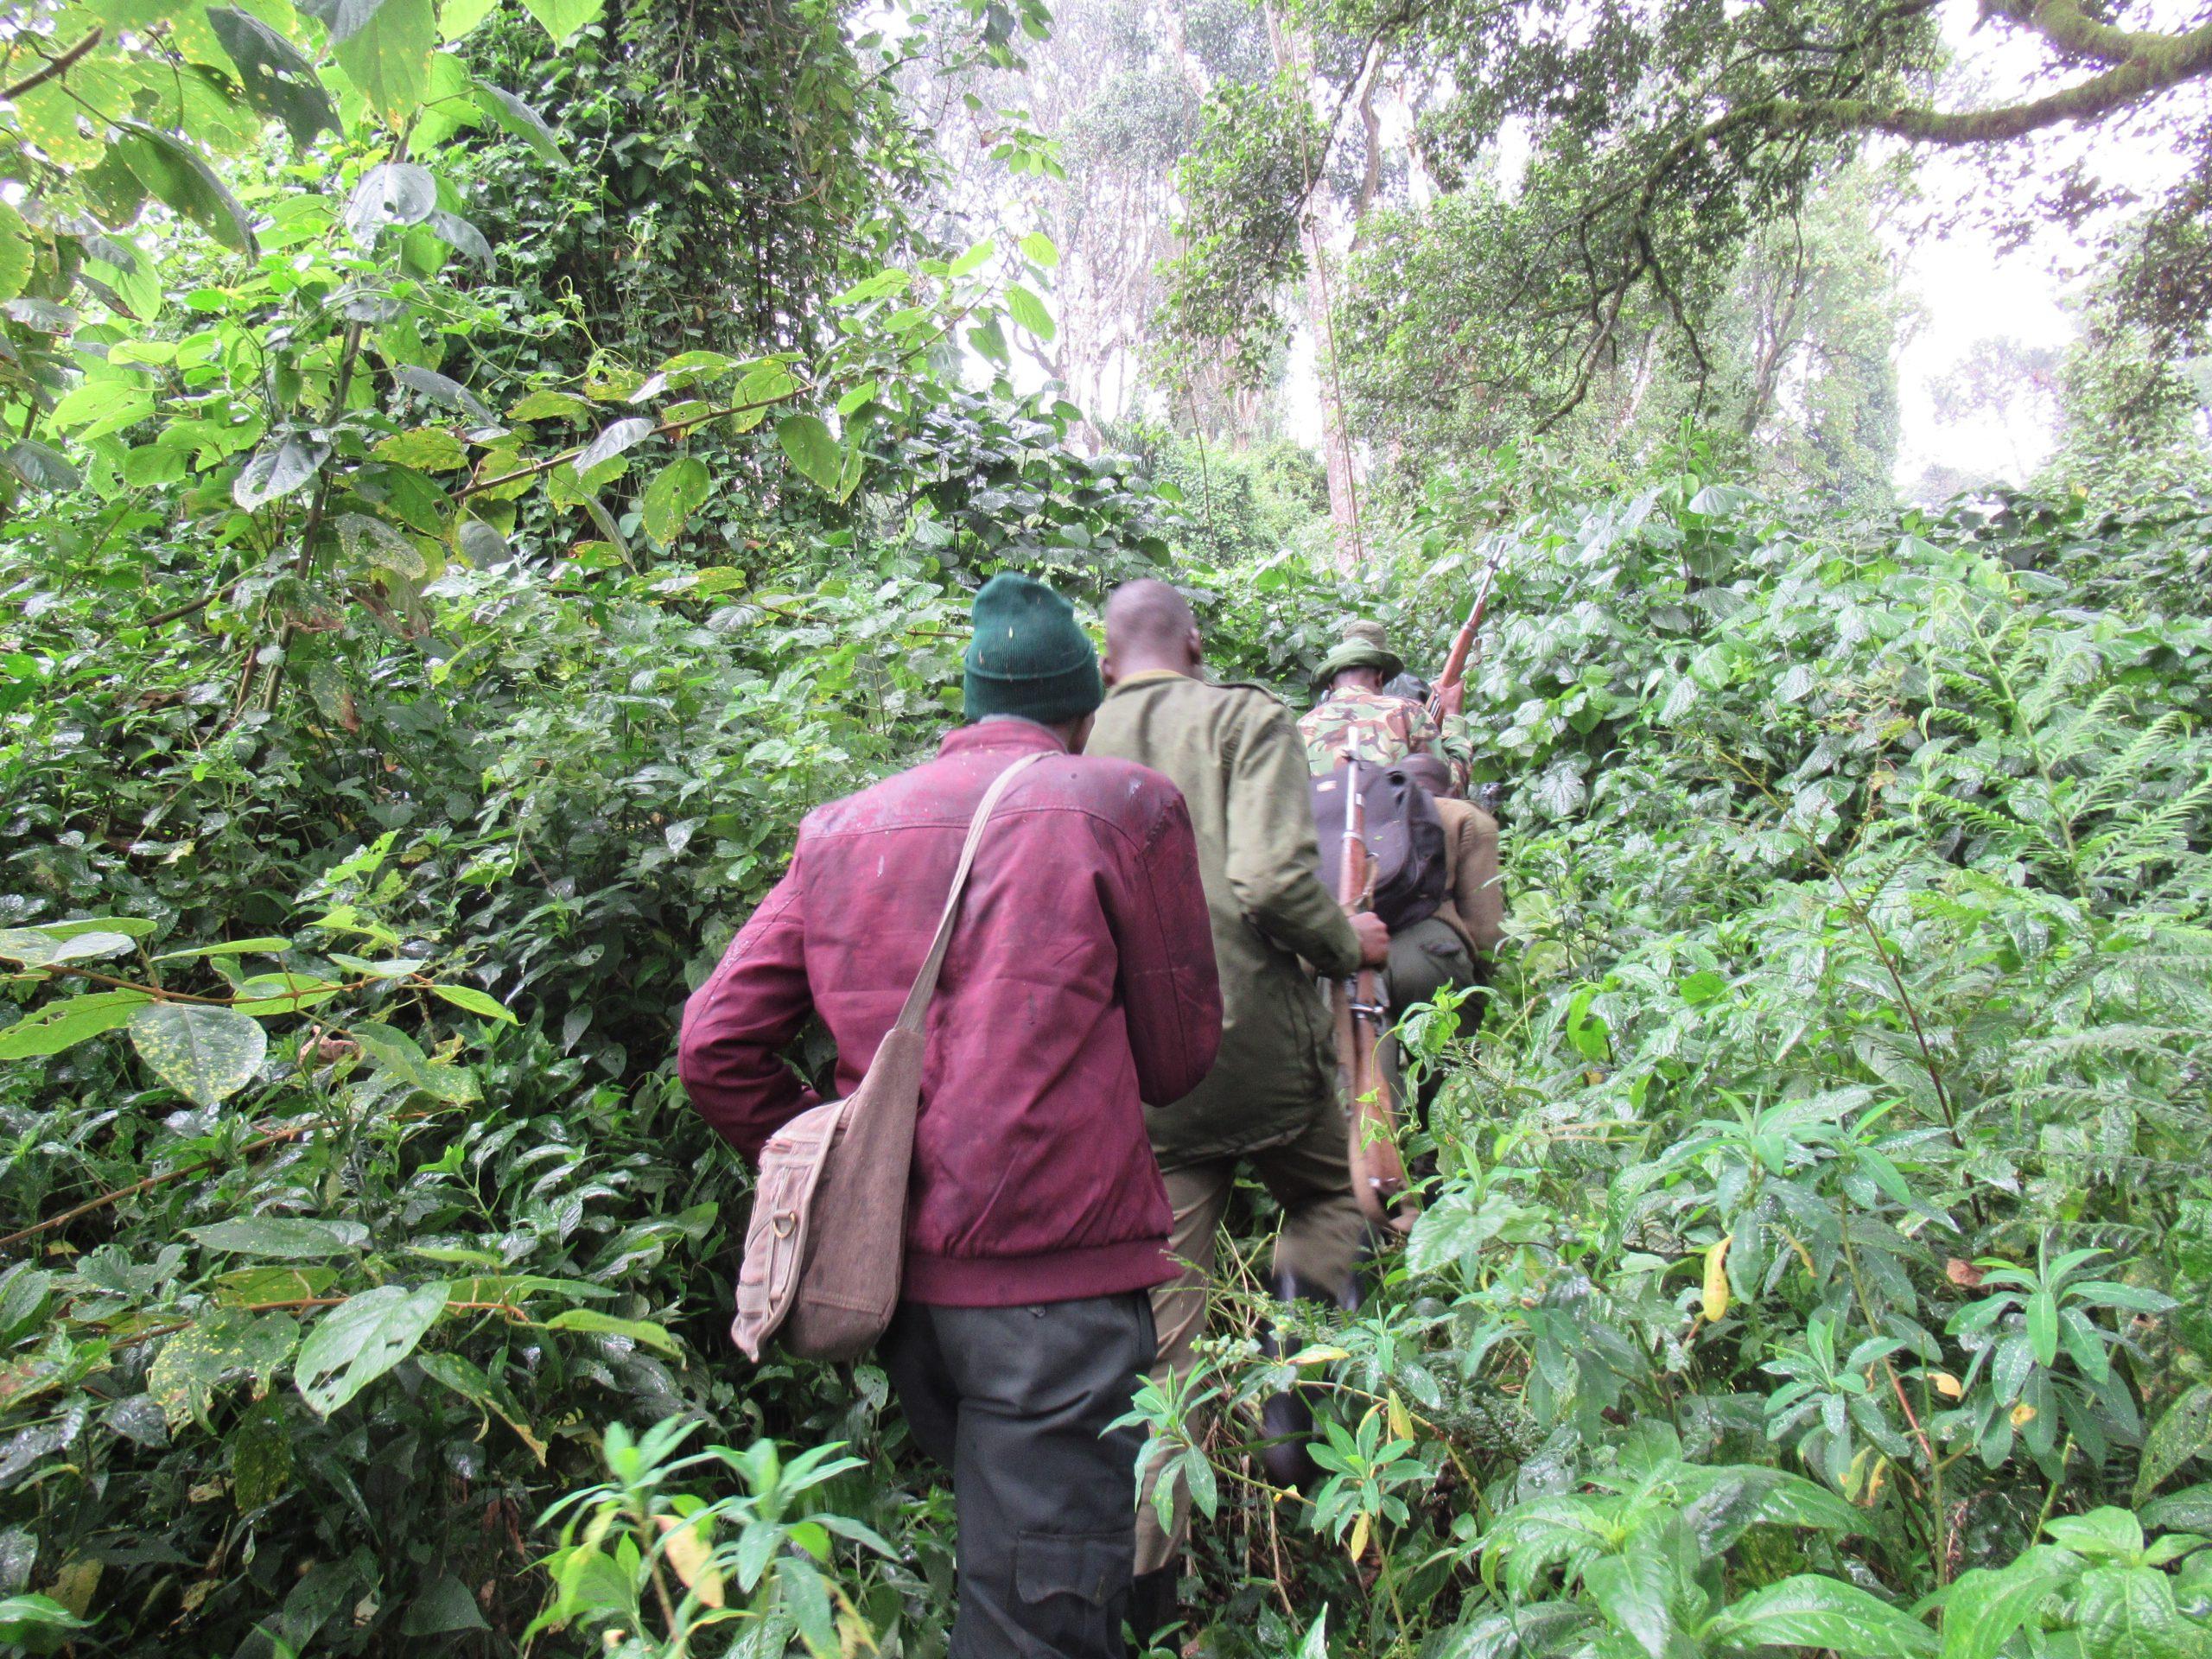 Aberdare National Park – Bongo Surveillance Project